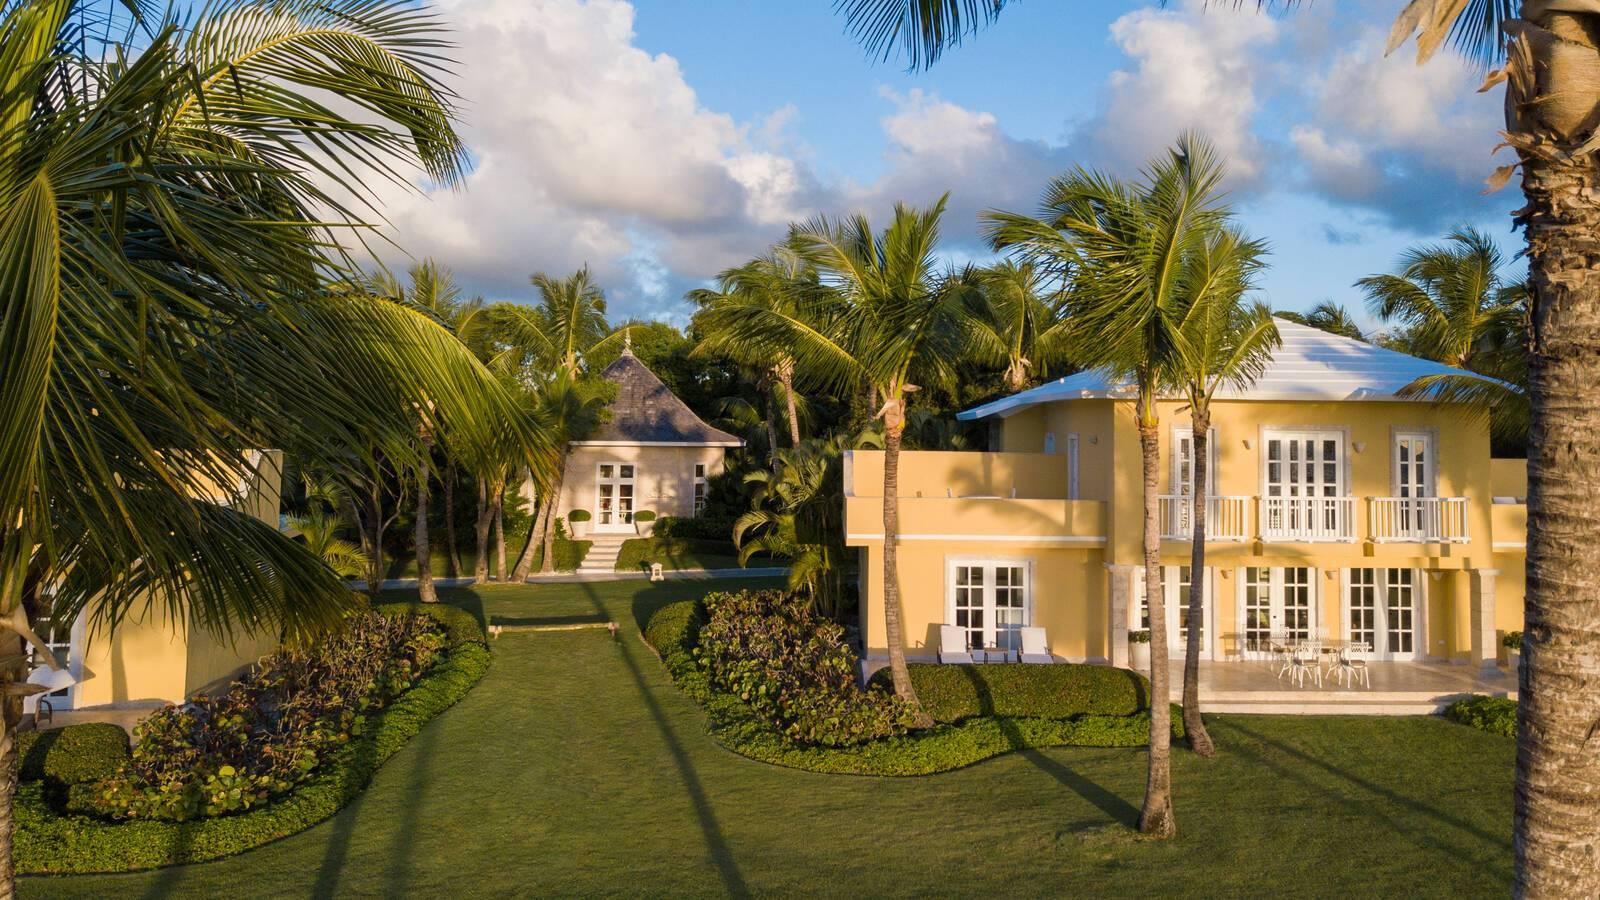 Tortuga Bay Ocean Front Villas Oscar de la Renta Store Punta Cana